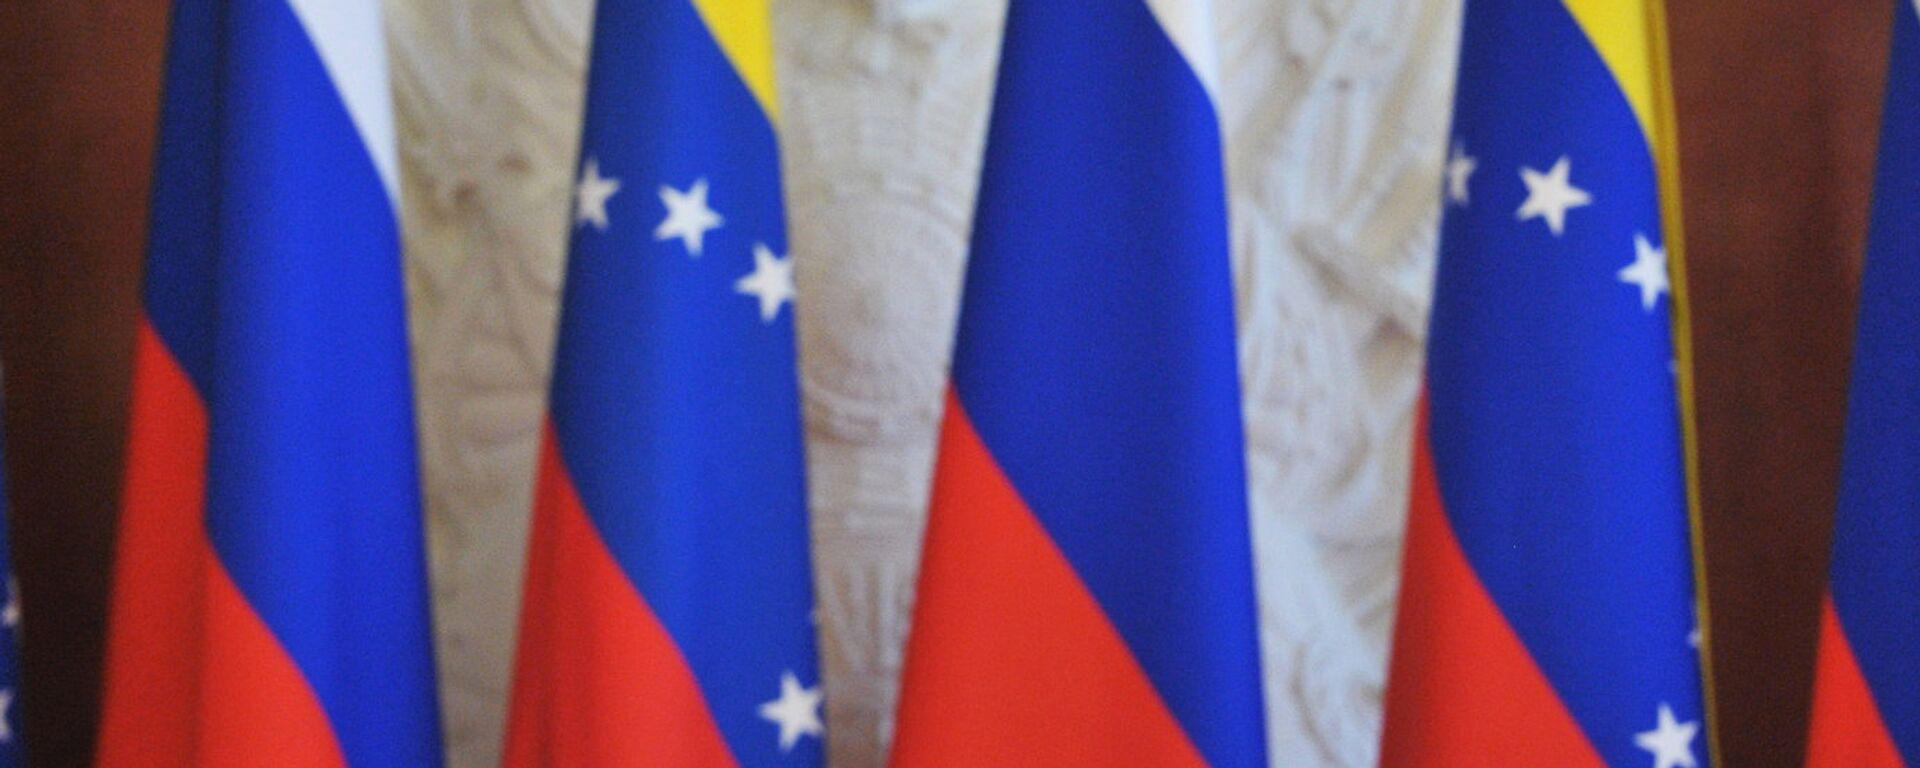 Las banderas de Rusia y Venezuela - Sputnik Mundo, 1920, 23.06.2021